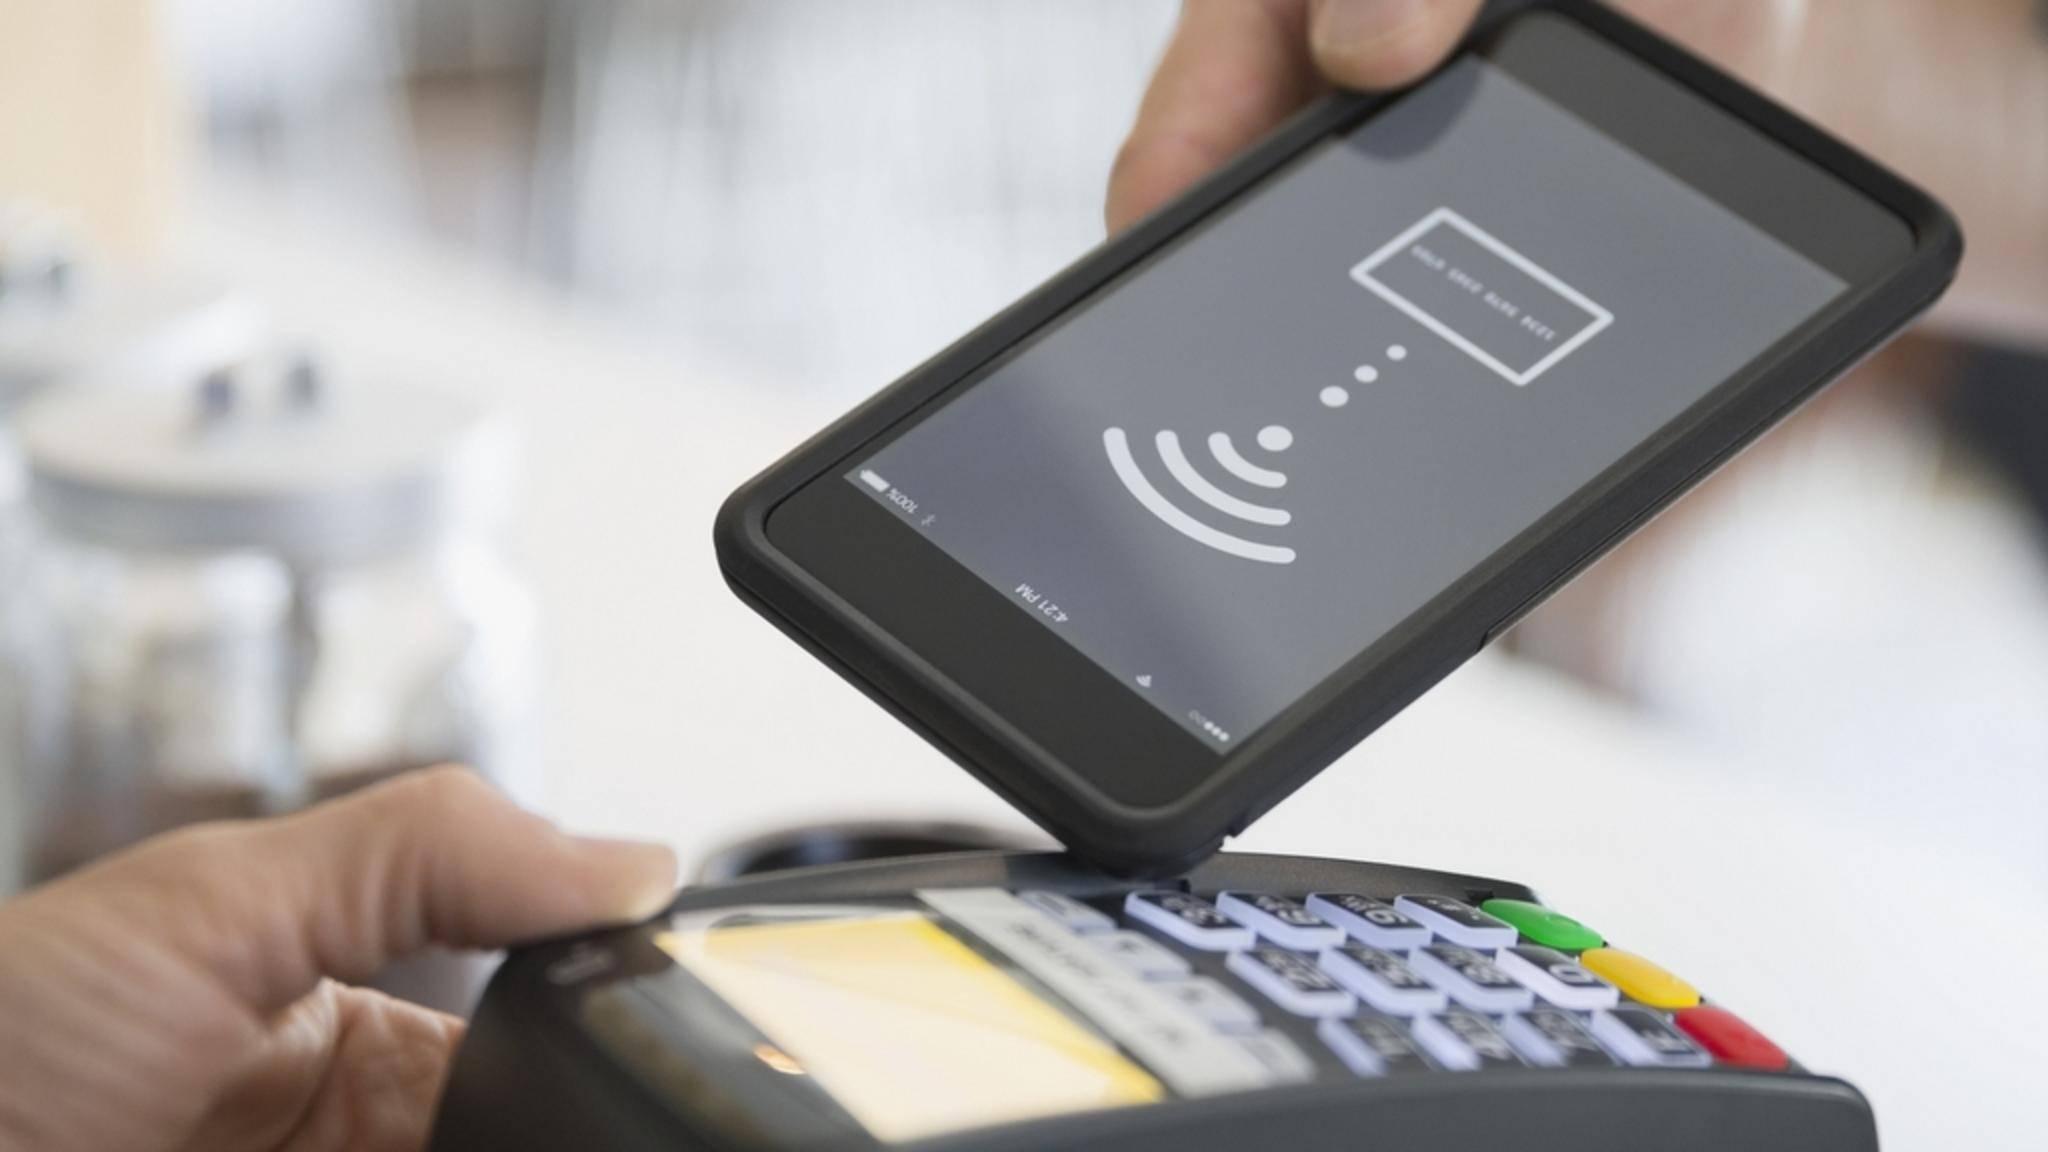 Android-Nutzer sollen in Deutschland bald mit dem Smartphone zahlen können.